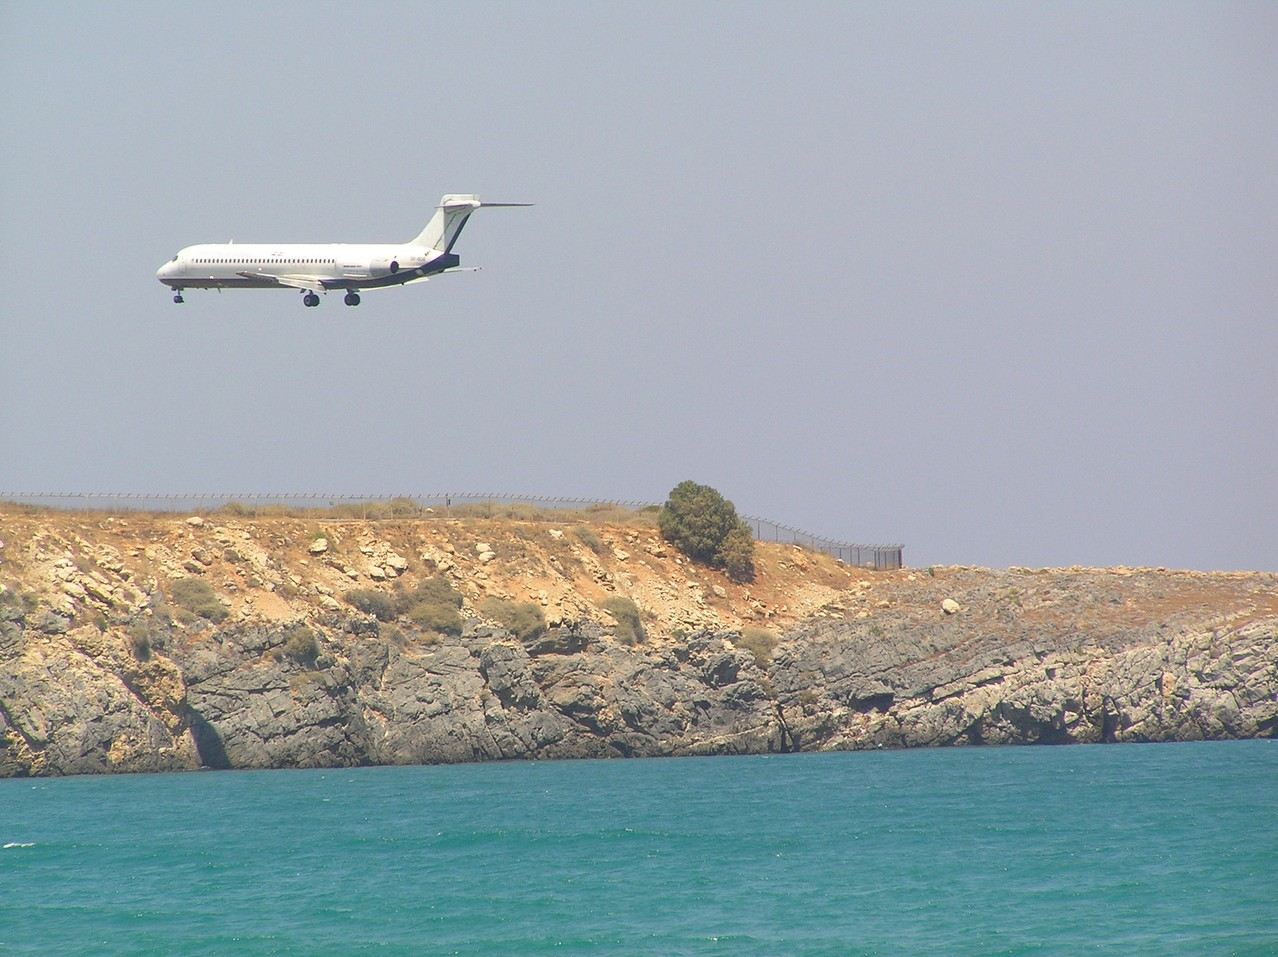 Tanie przewozy lotnicze